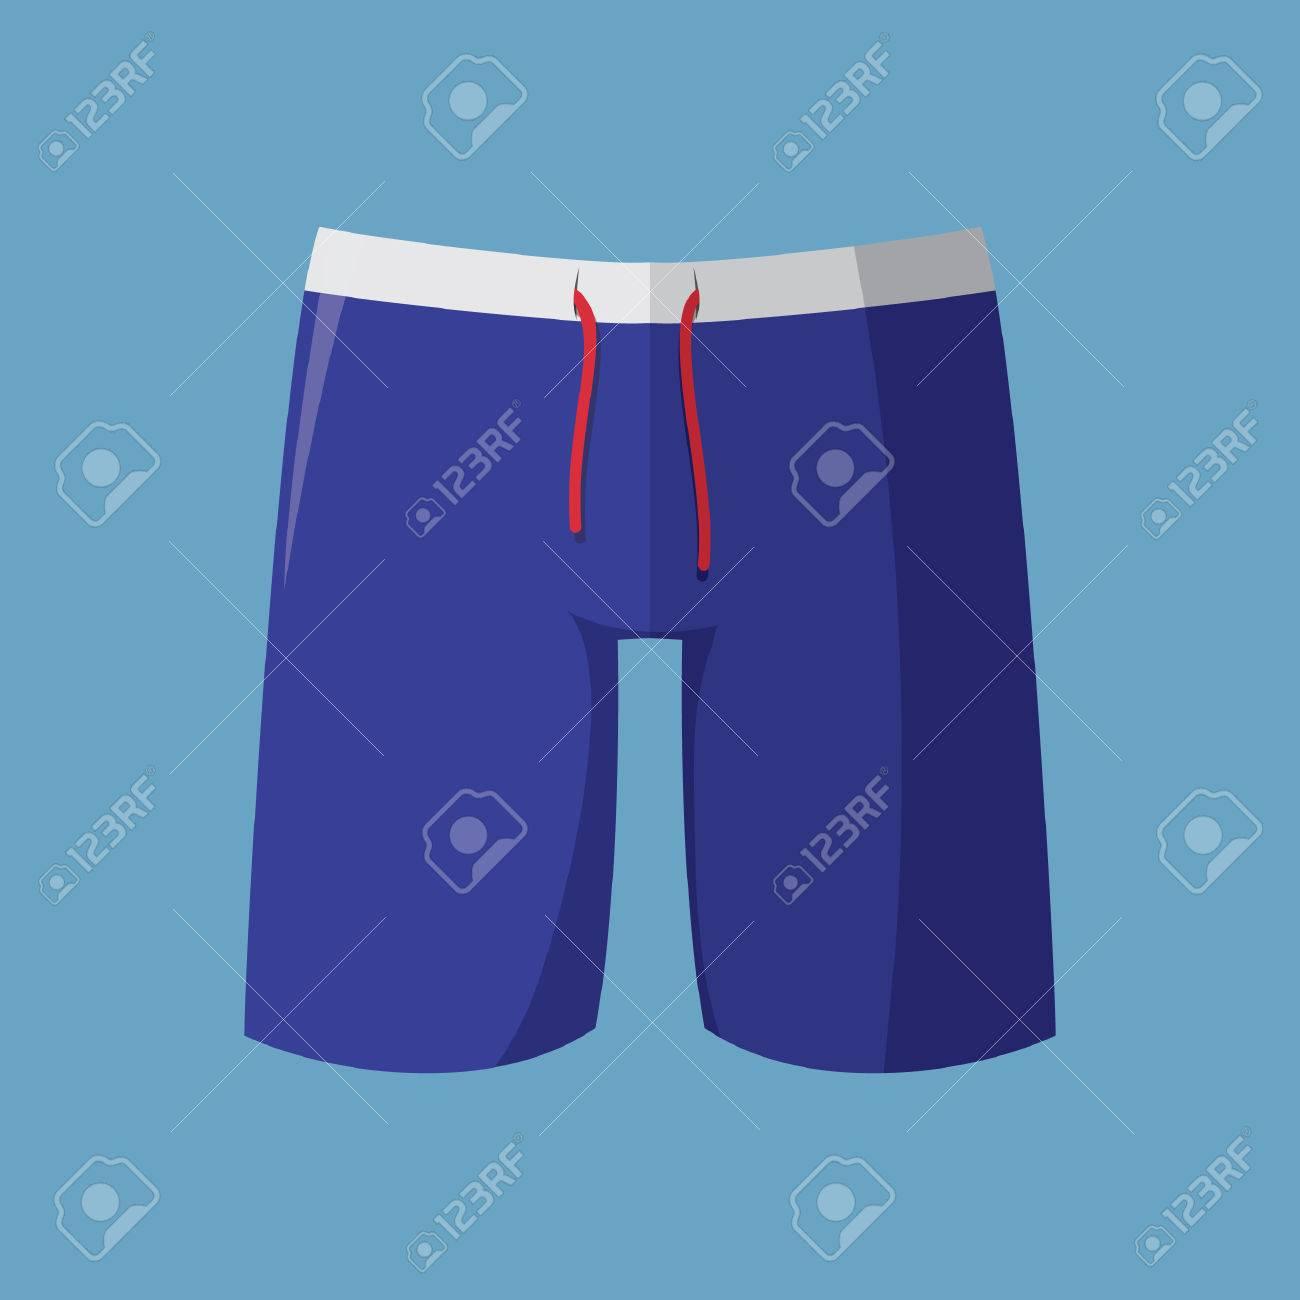 Pantalones De Natacion Ilustraciones Vectoriales Clip Art Vectorizado Libre De Derechos Image 52810218